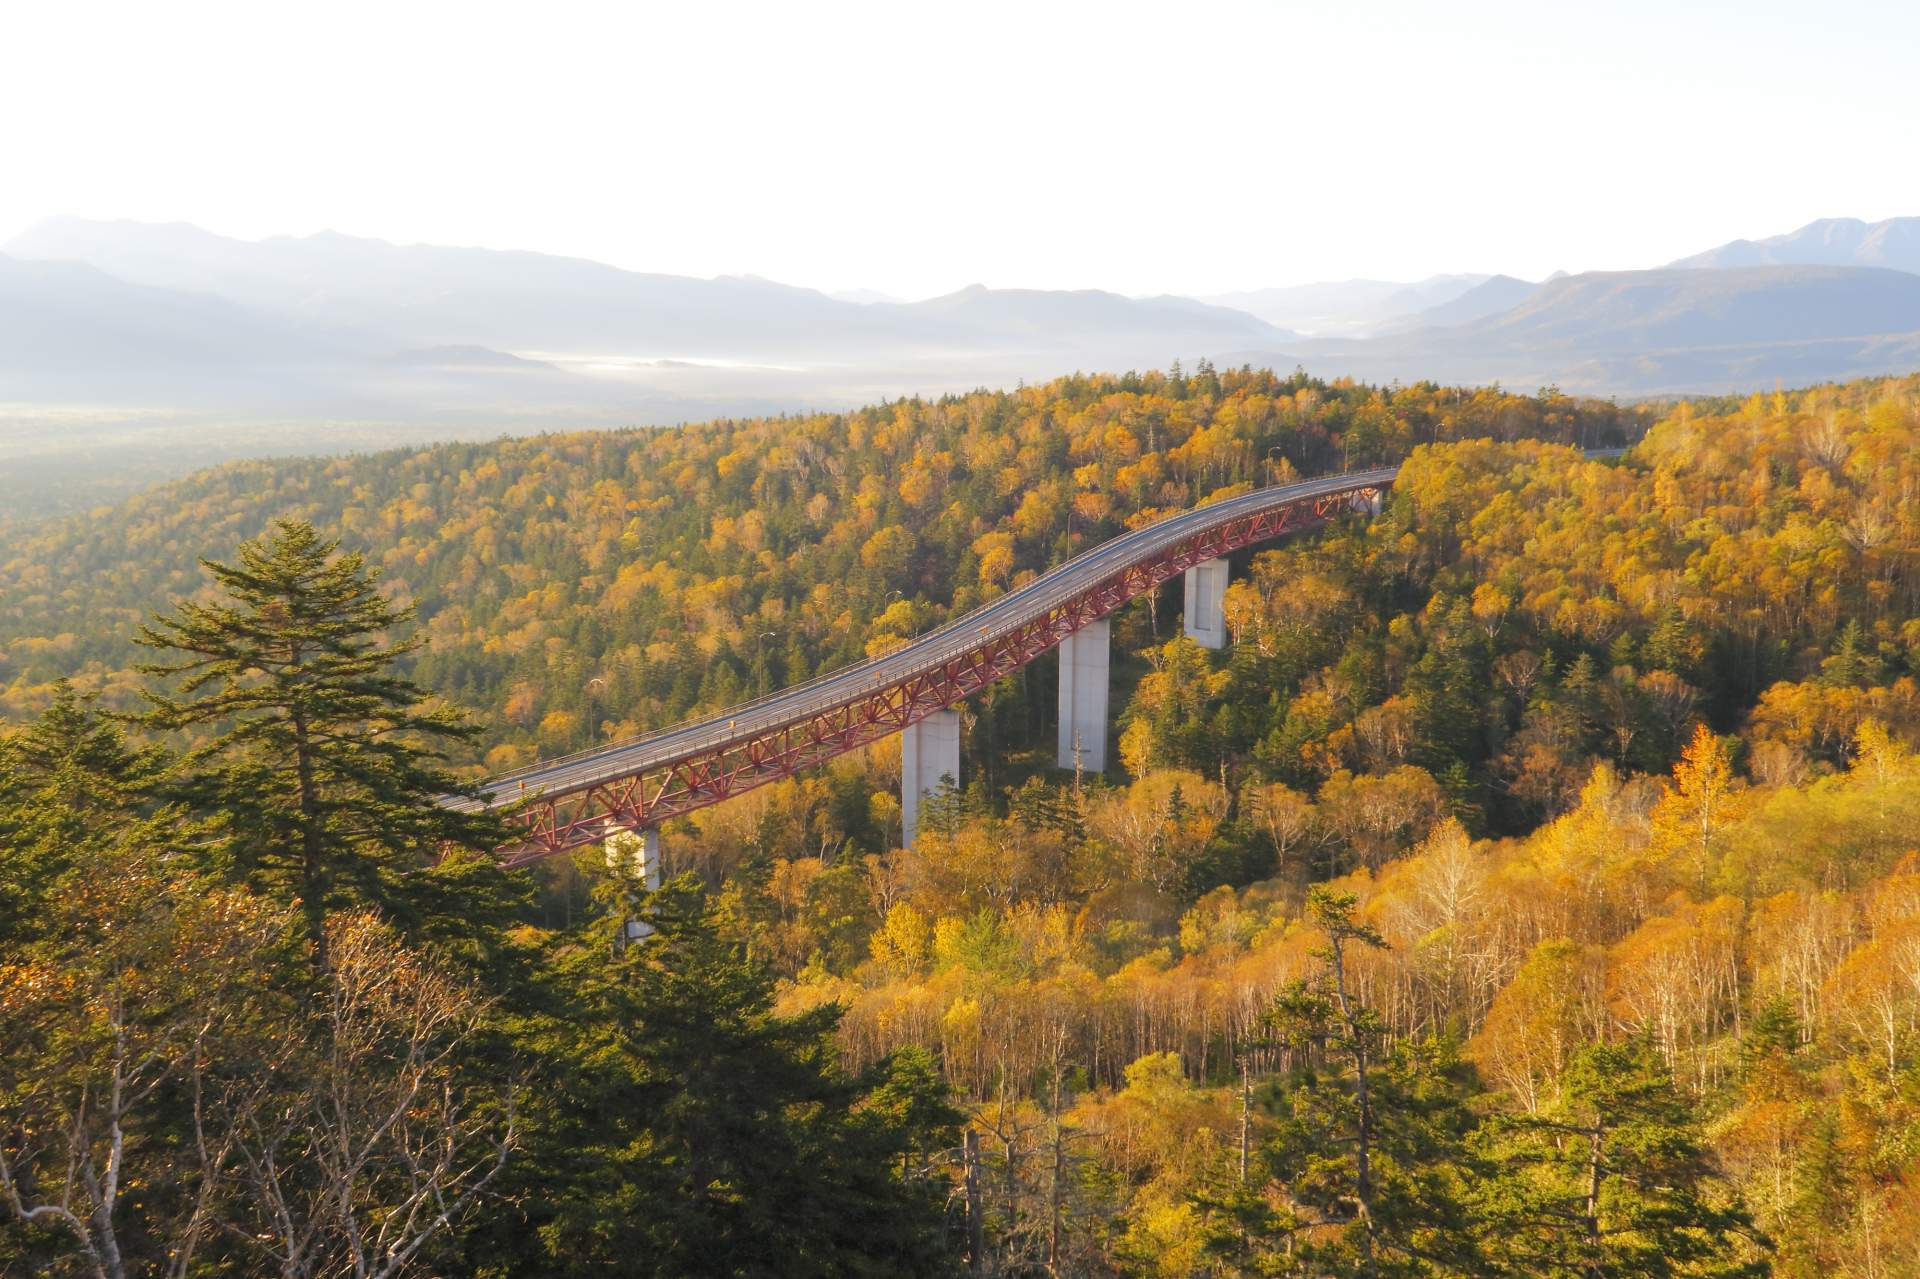 好像是架向天空之桥的松见大桥和红叶树海